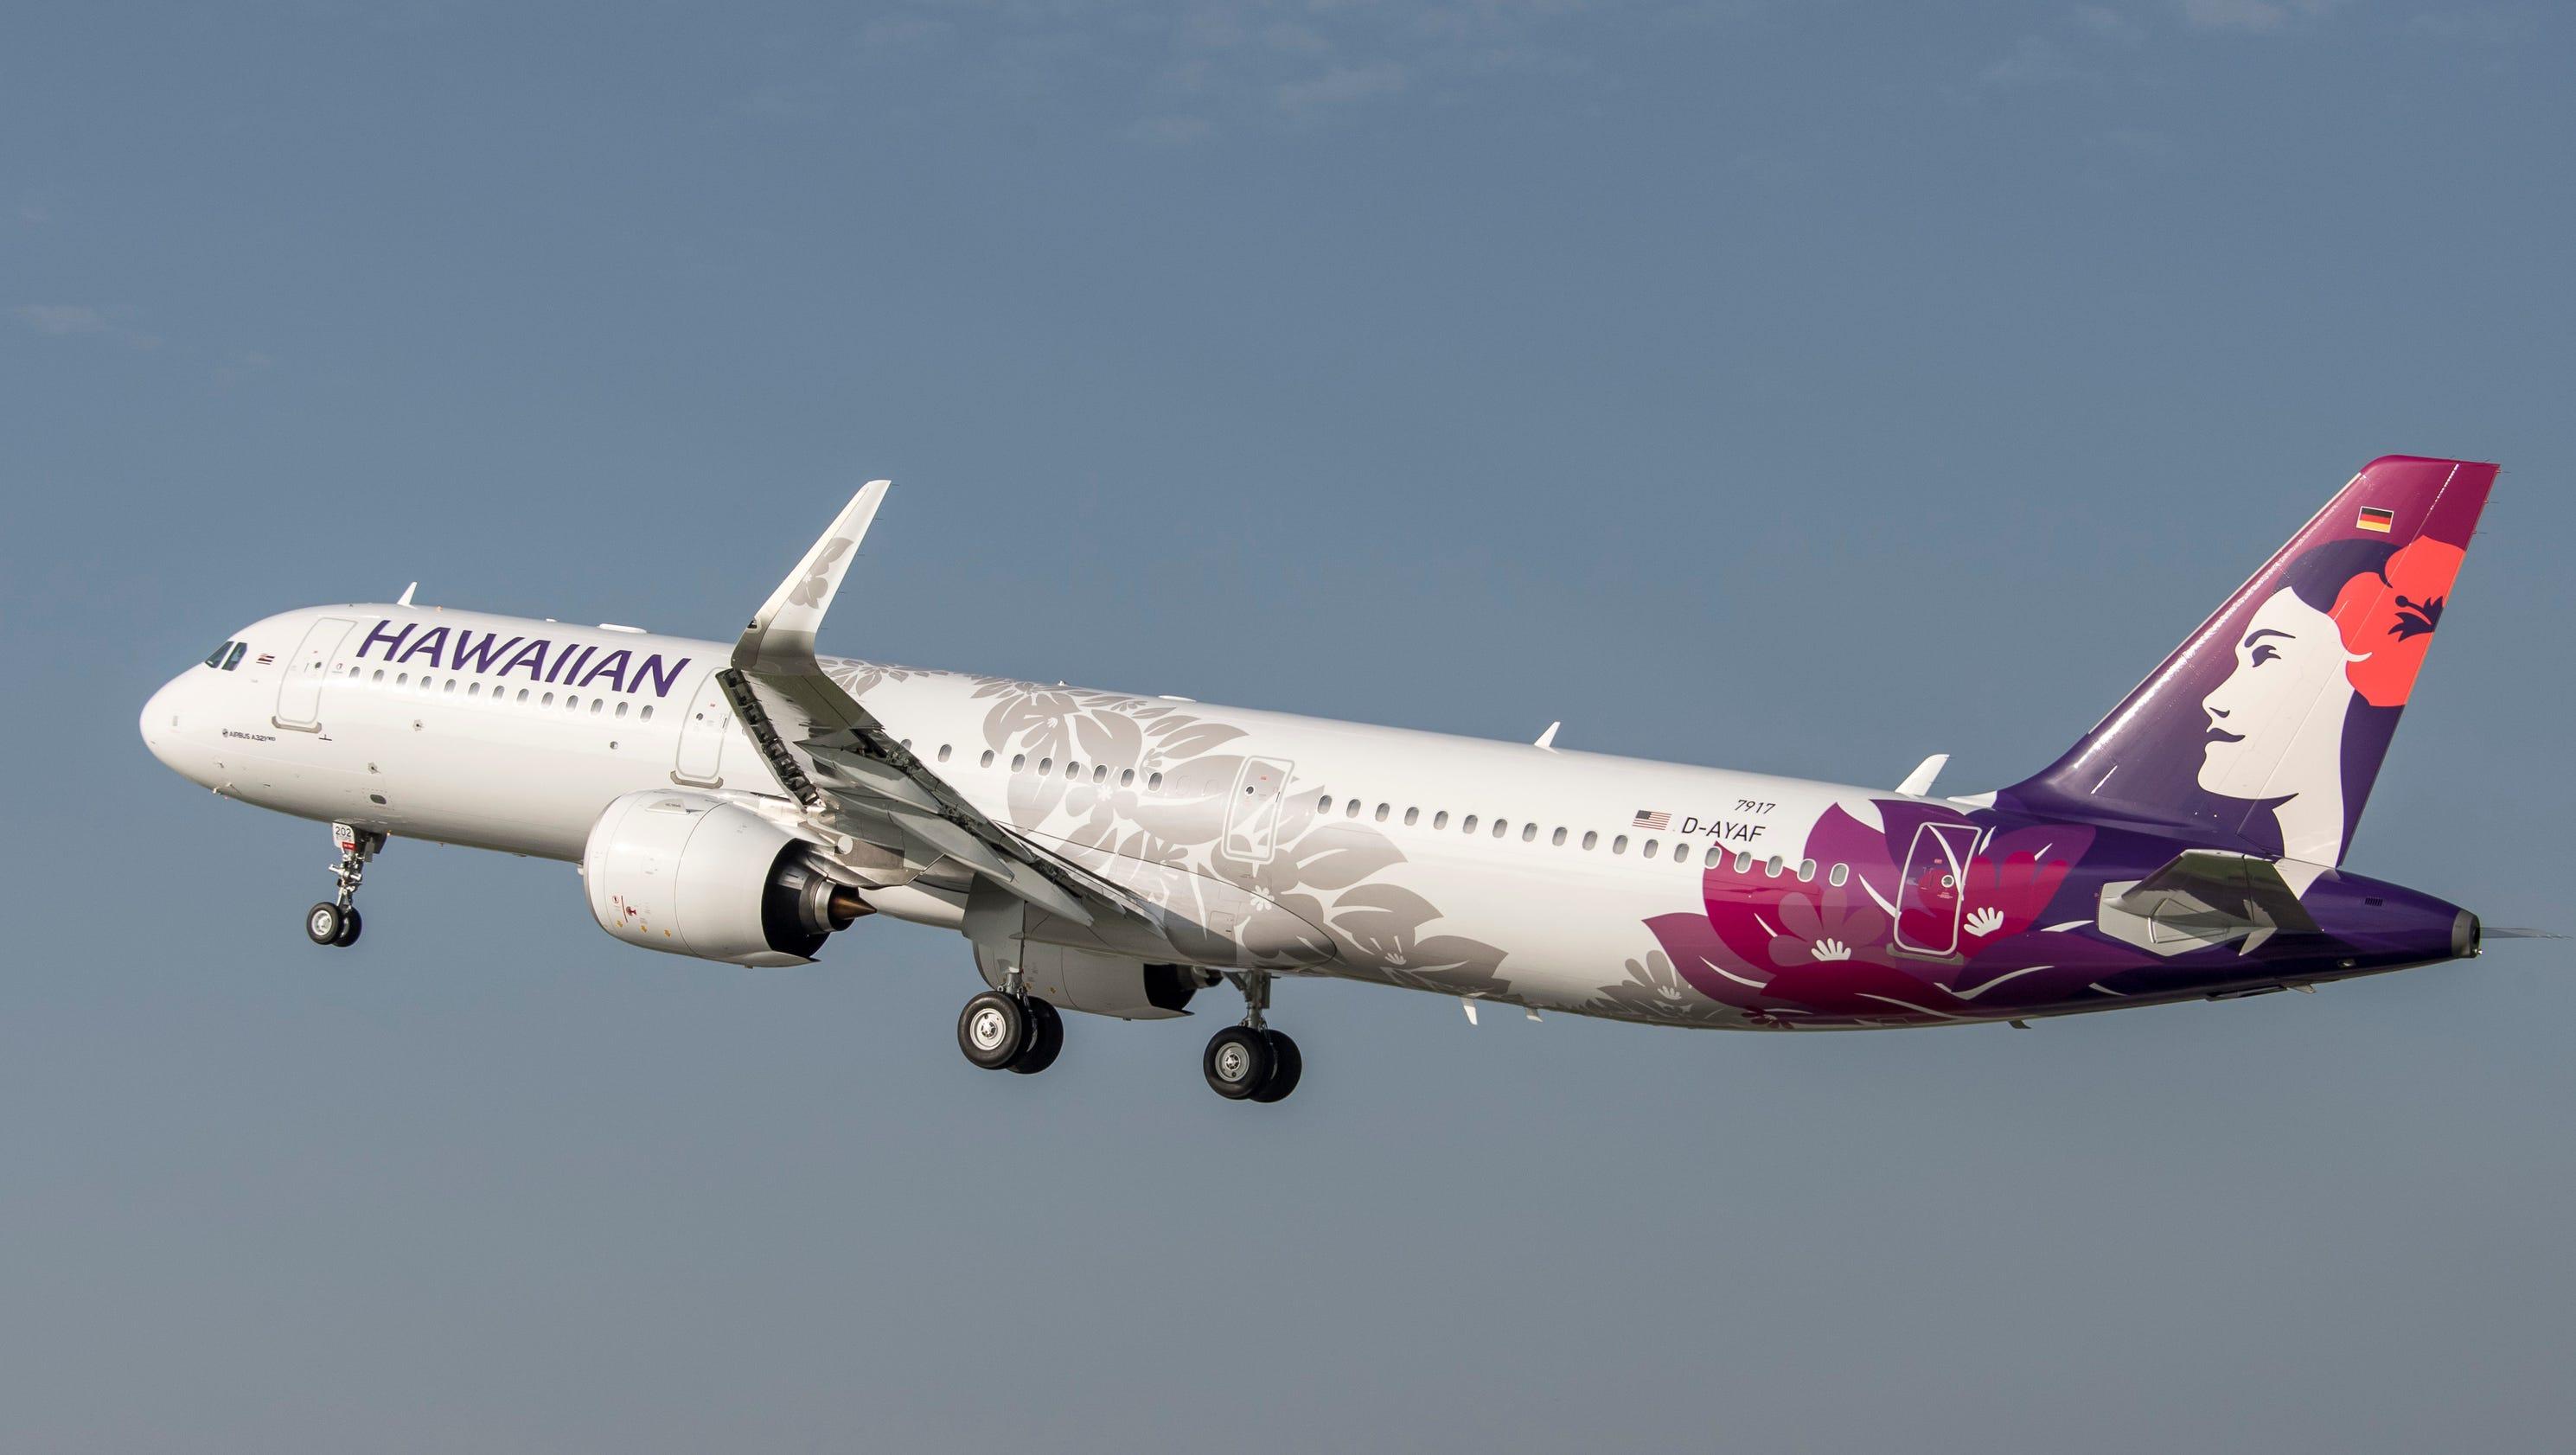 Resultado de imagen para hawaiian airlines Airbus A321neo